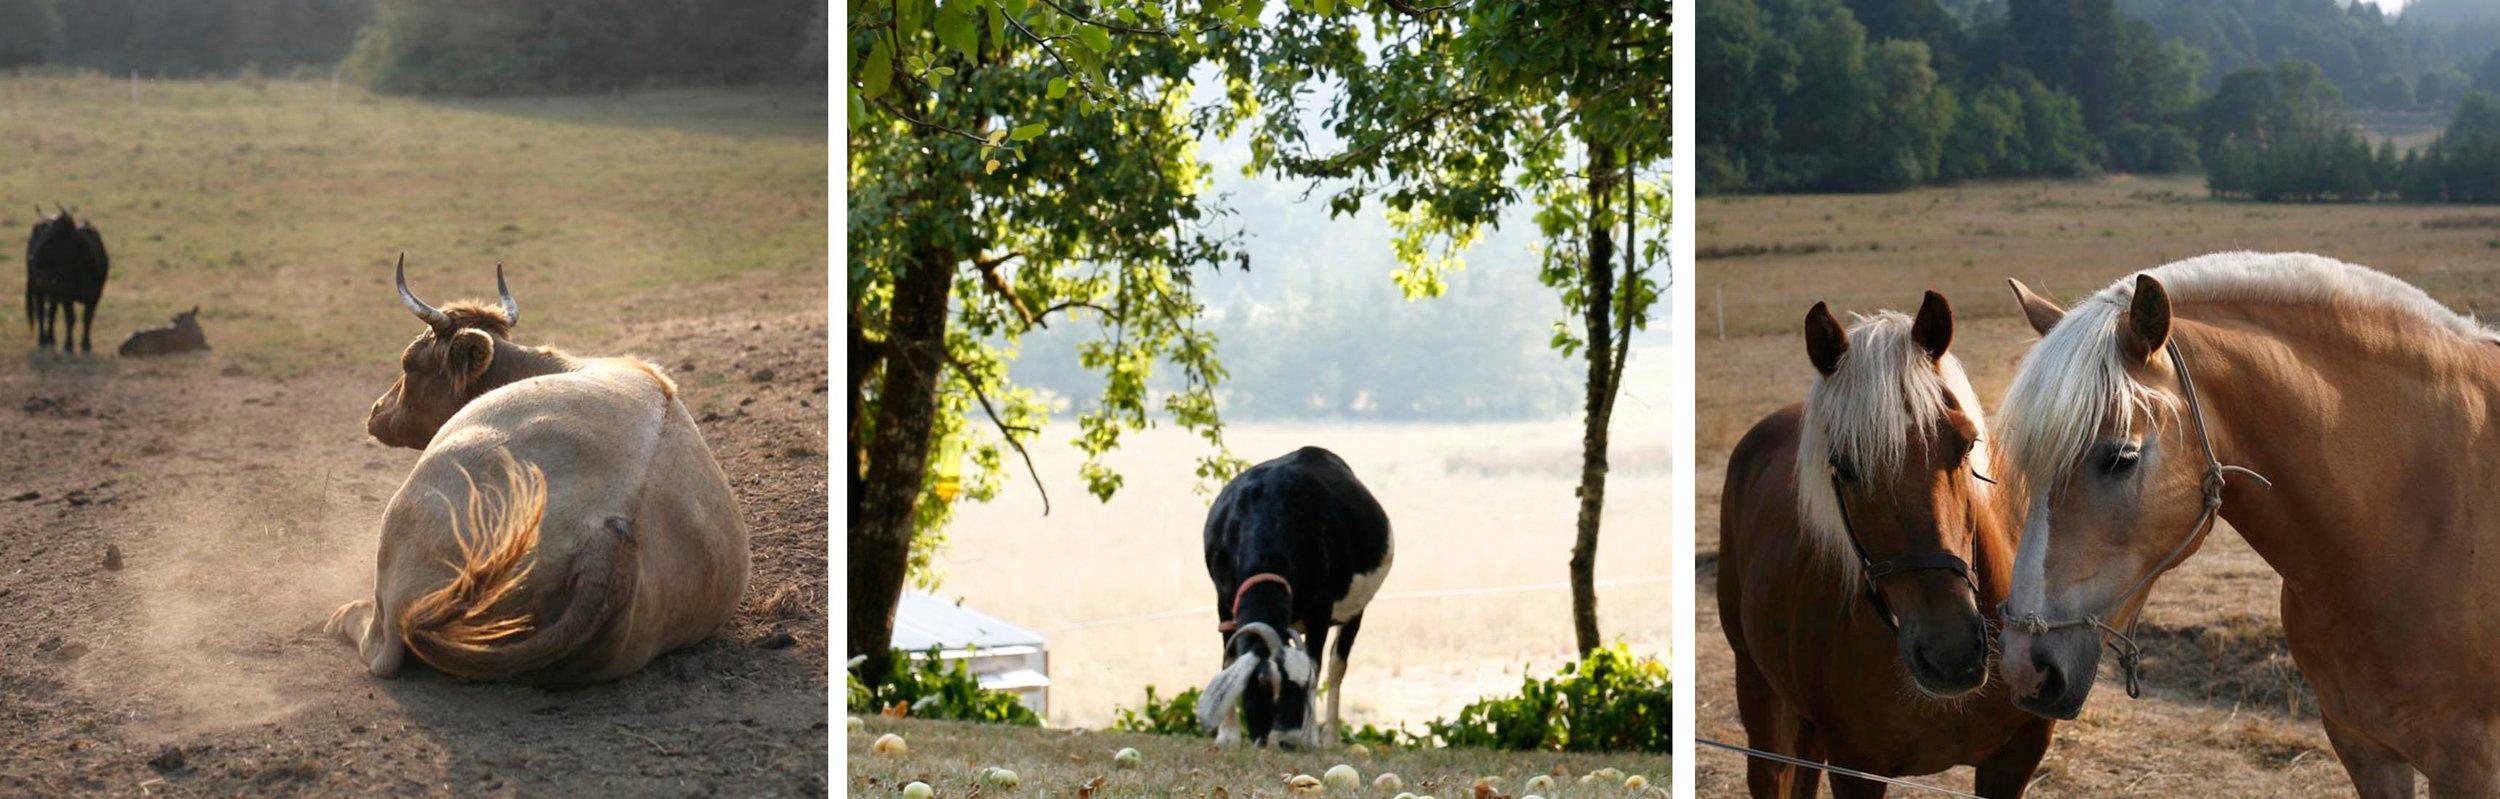 cow_goat_horses.jpg